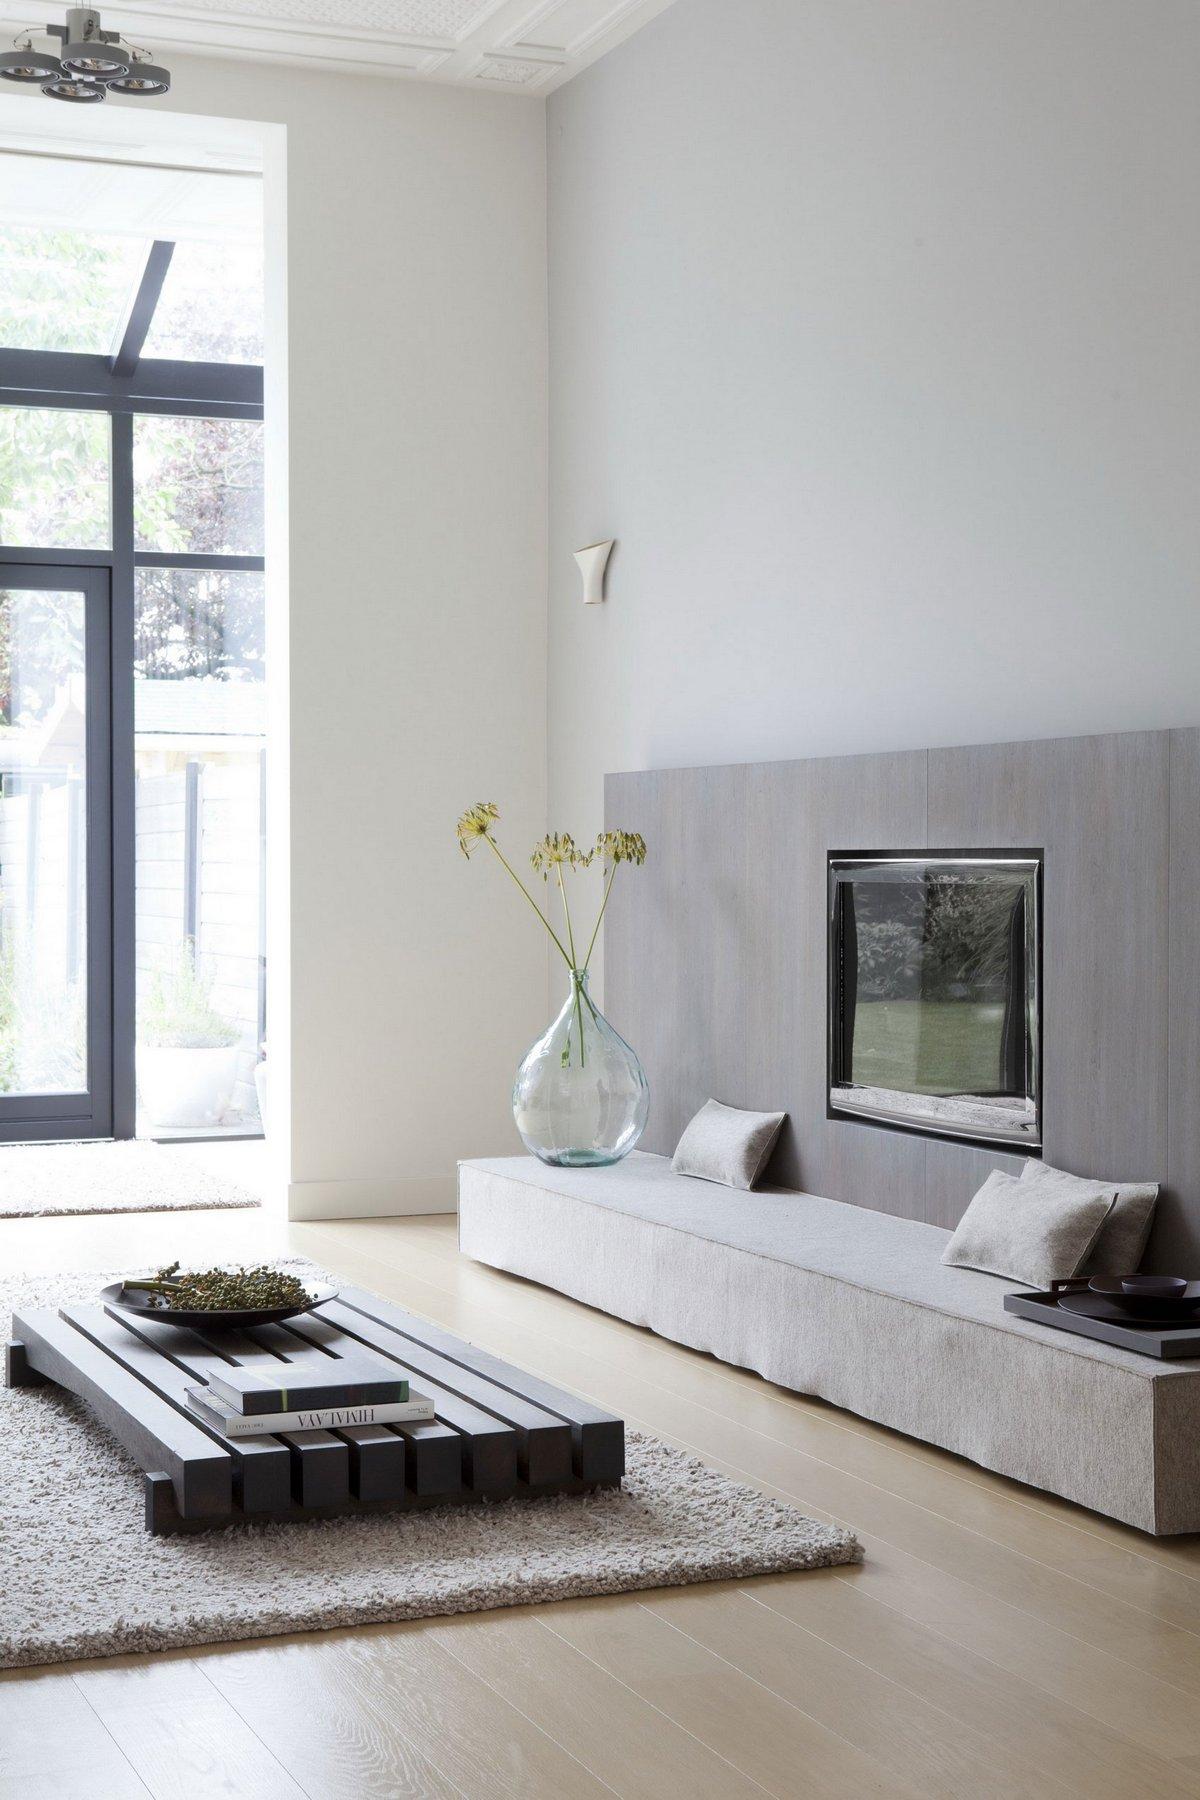 интерьер в стиле минимализма, светлый интерьер, белый цвет в интерьере фото, частные дома в Гааге, встроенная мебель фото, интерьер в стиле дзен фото